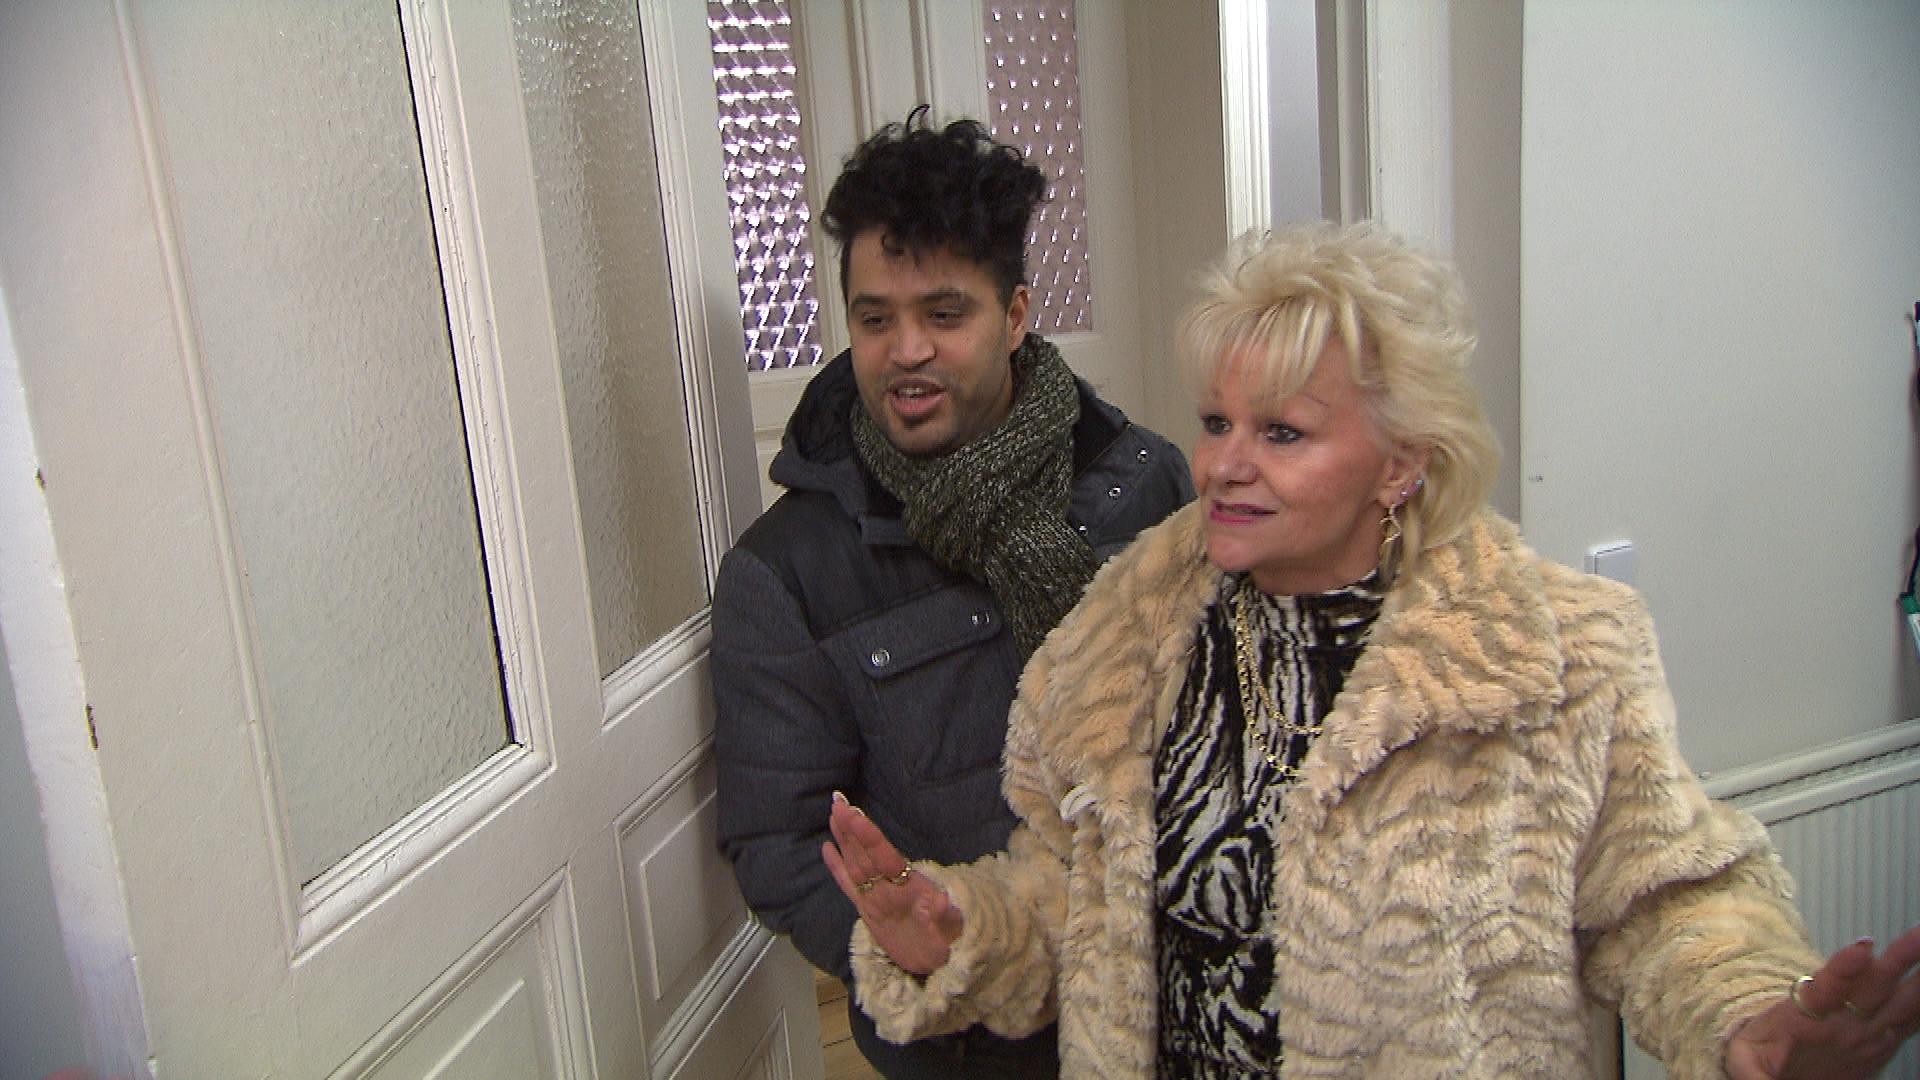 Inge und Emilio wollen in Emilios Heimat reisen (Quelle: RTL 2)